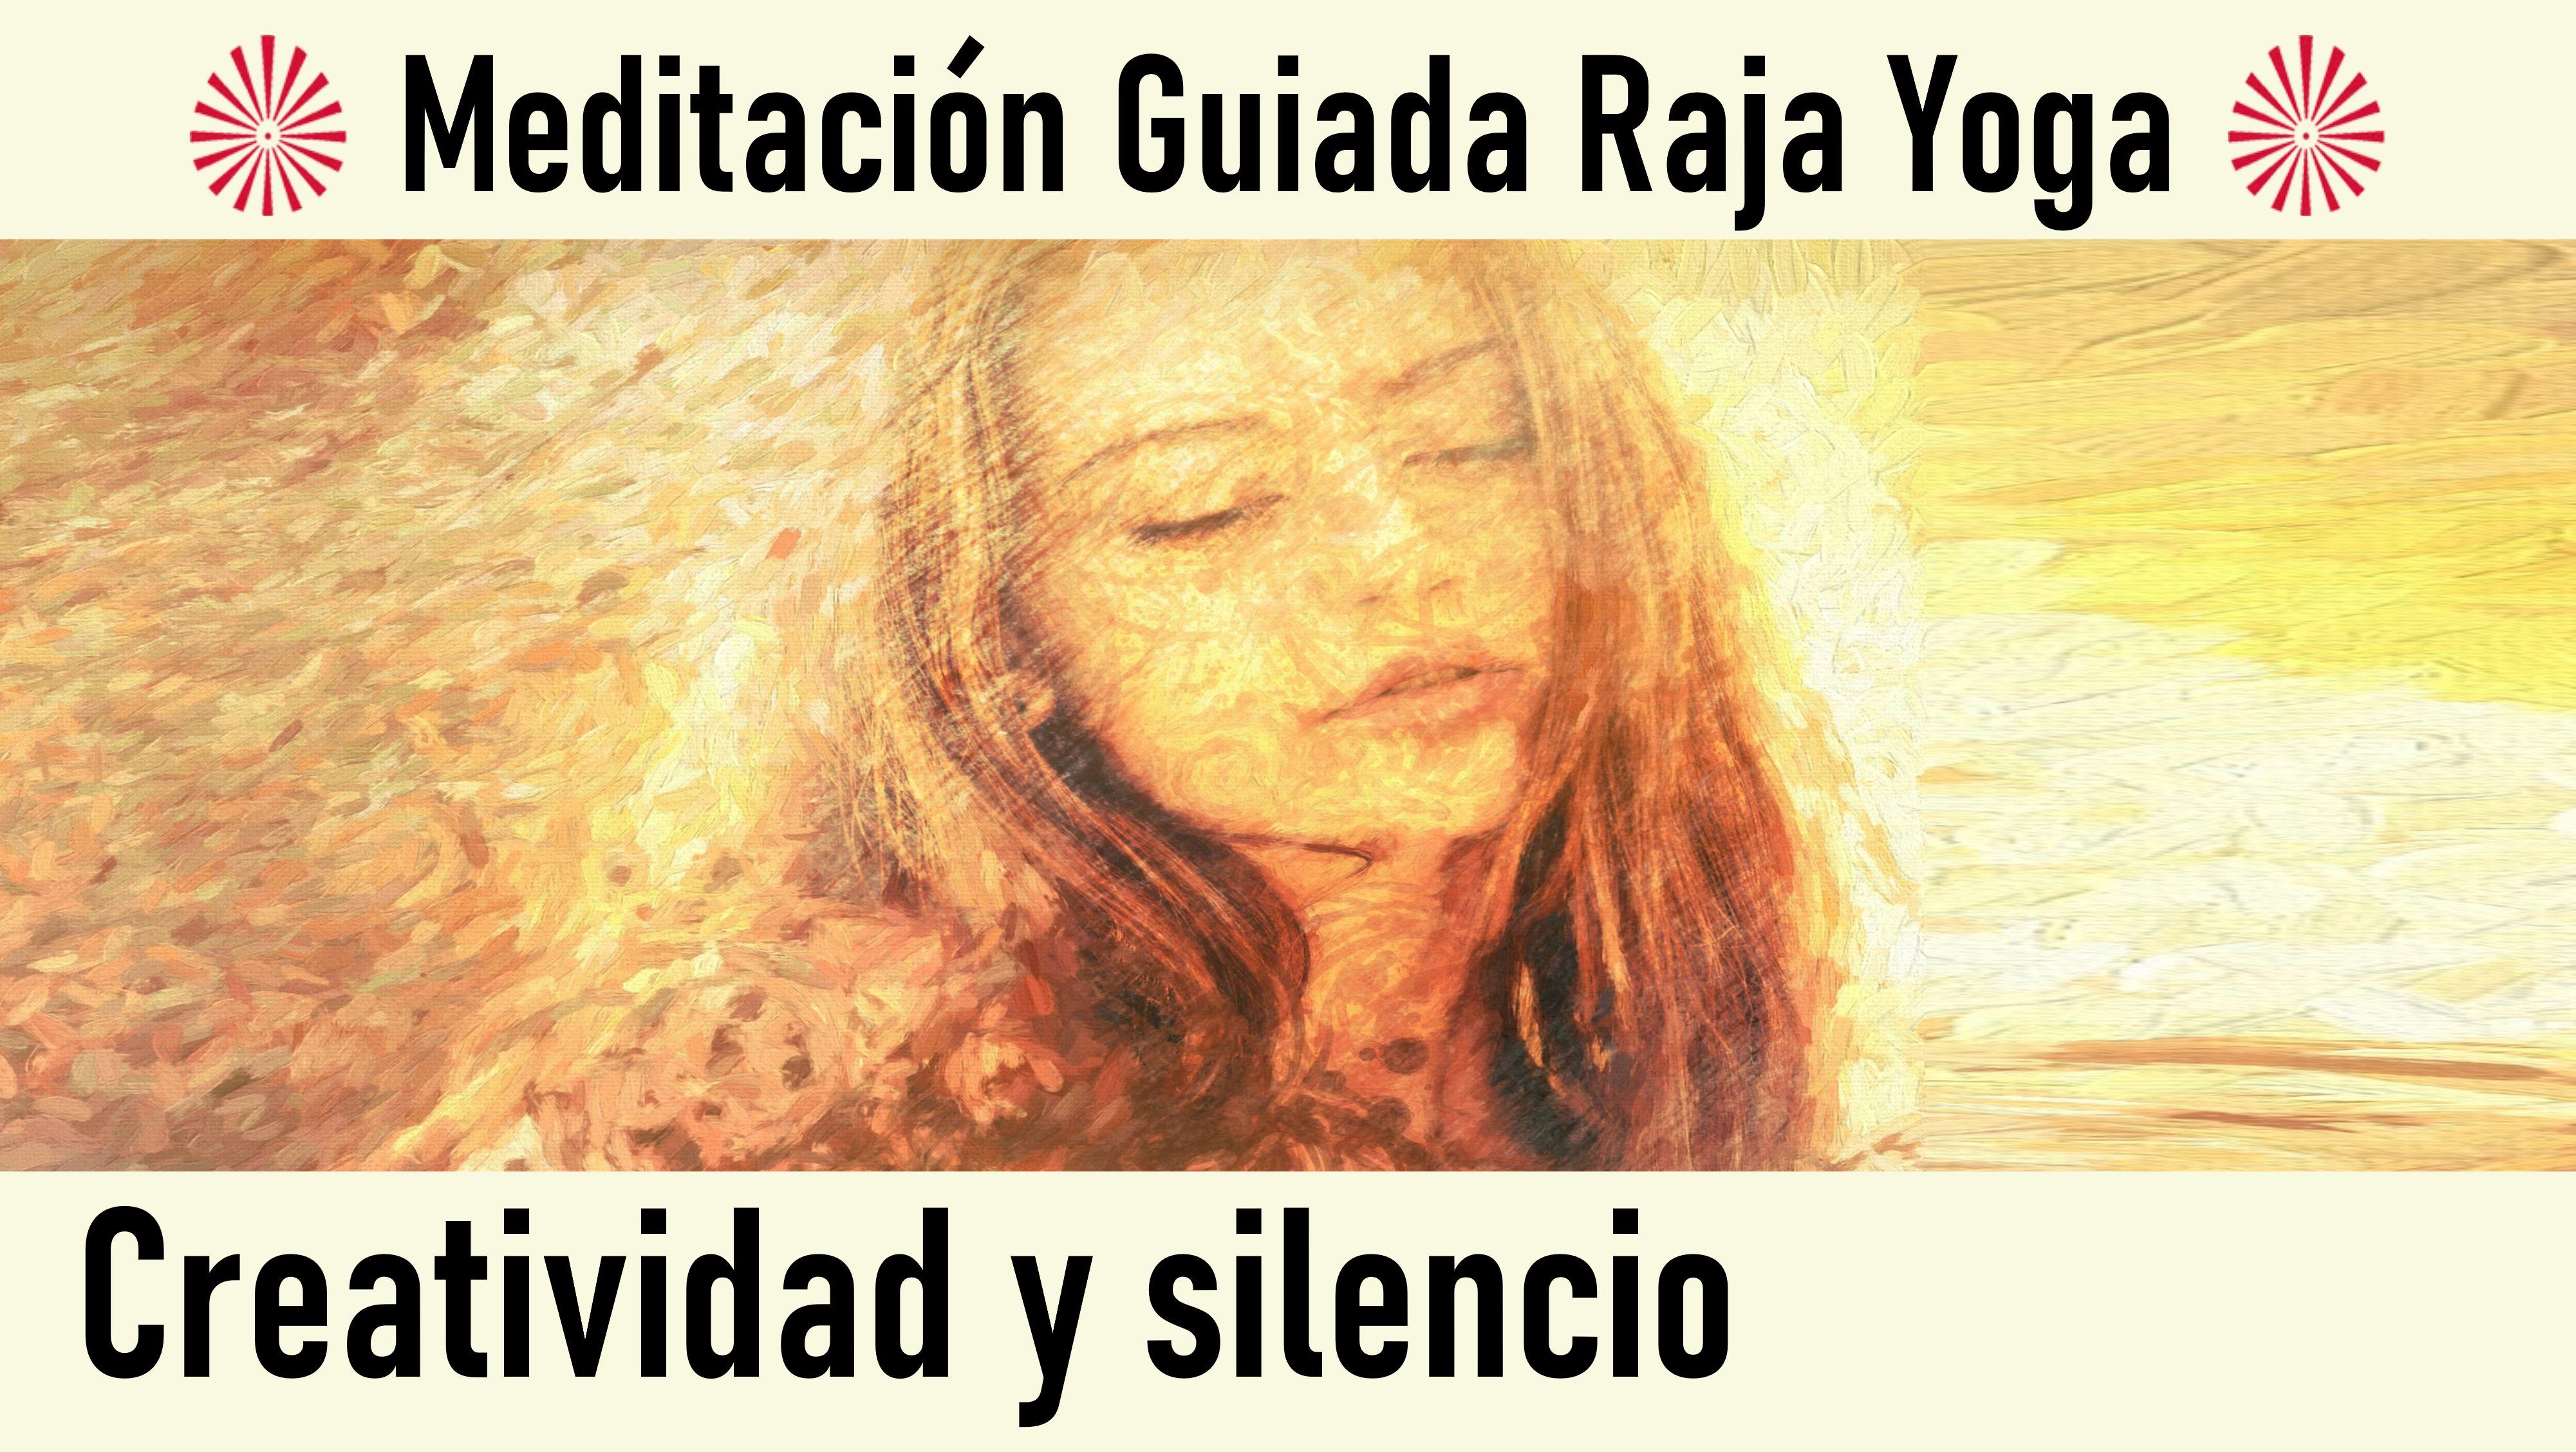 7 Agosto 2020 Meditación guiada: Creatividad y silencio